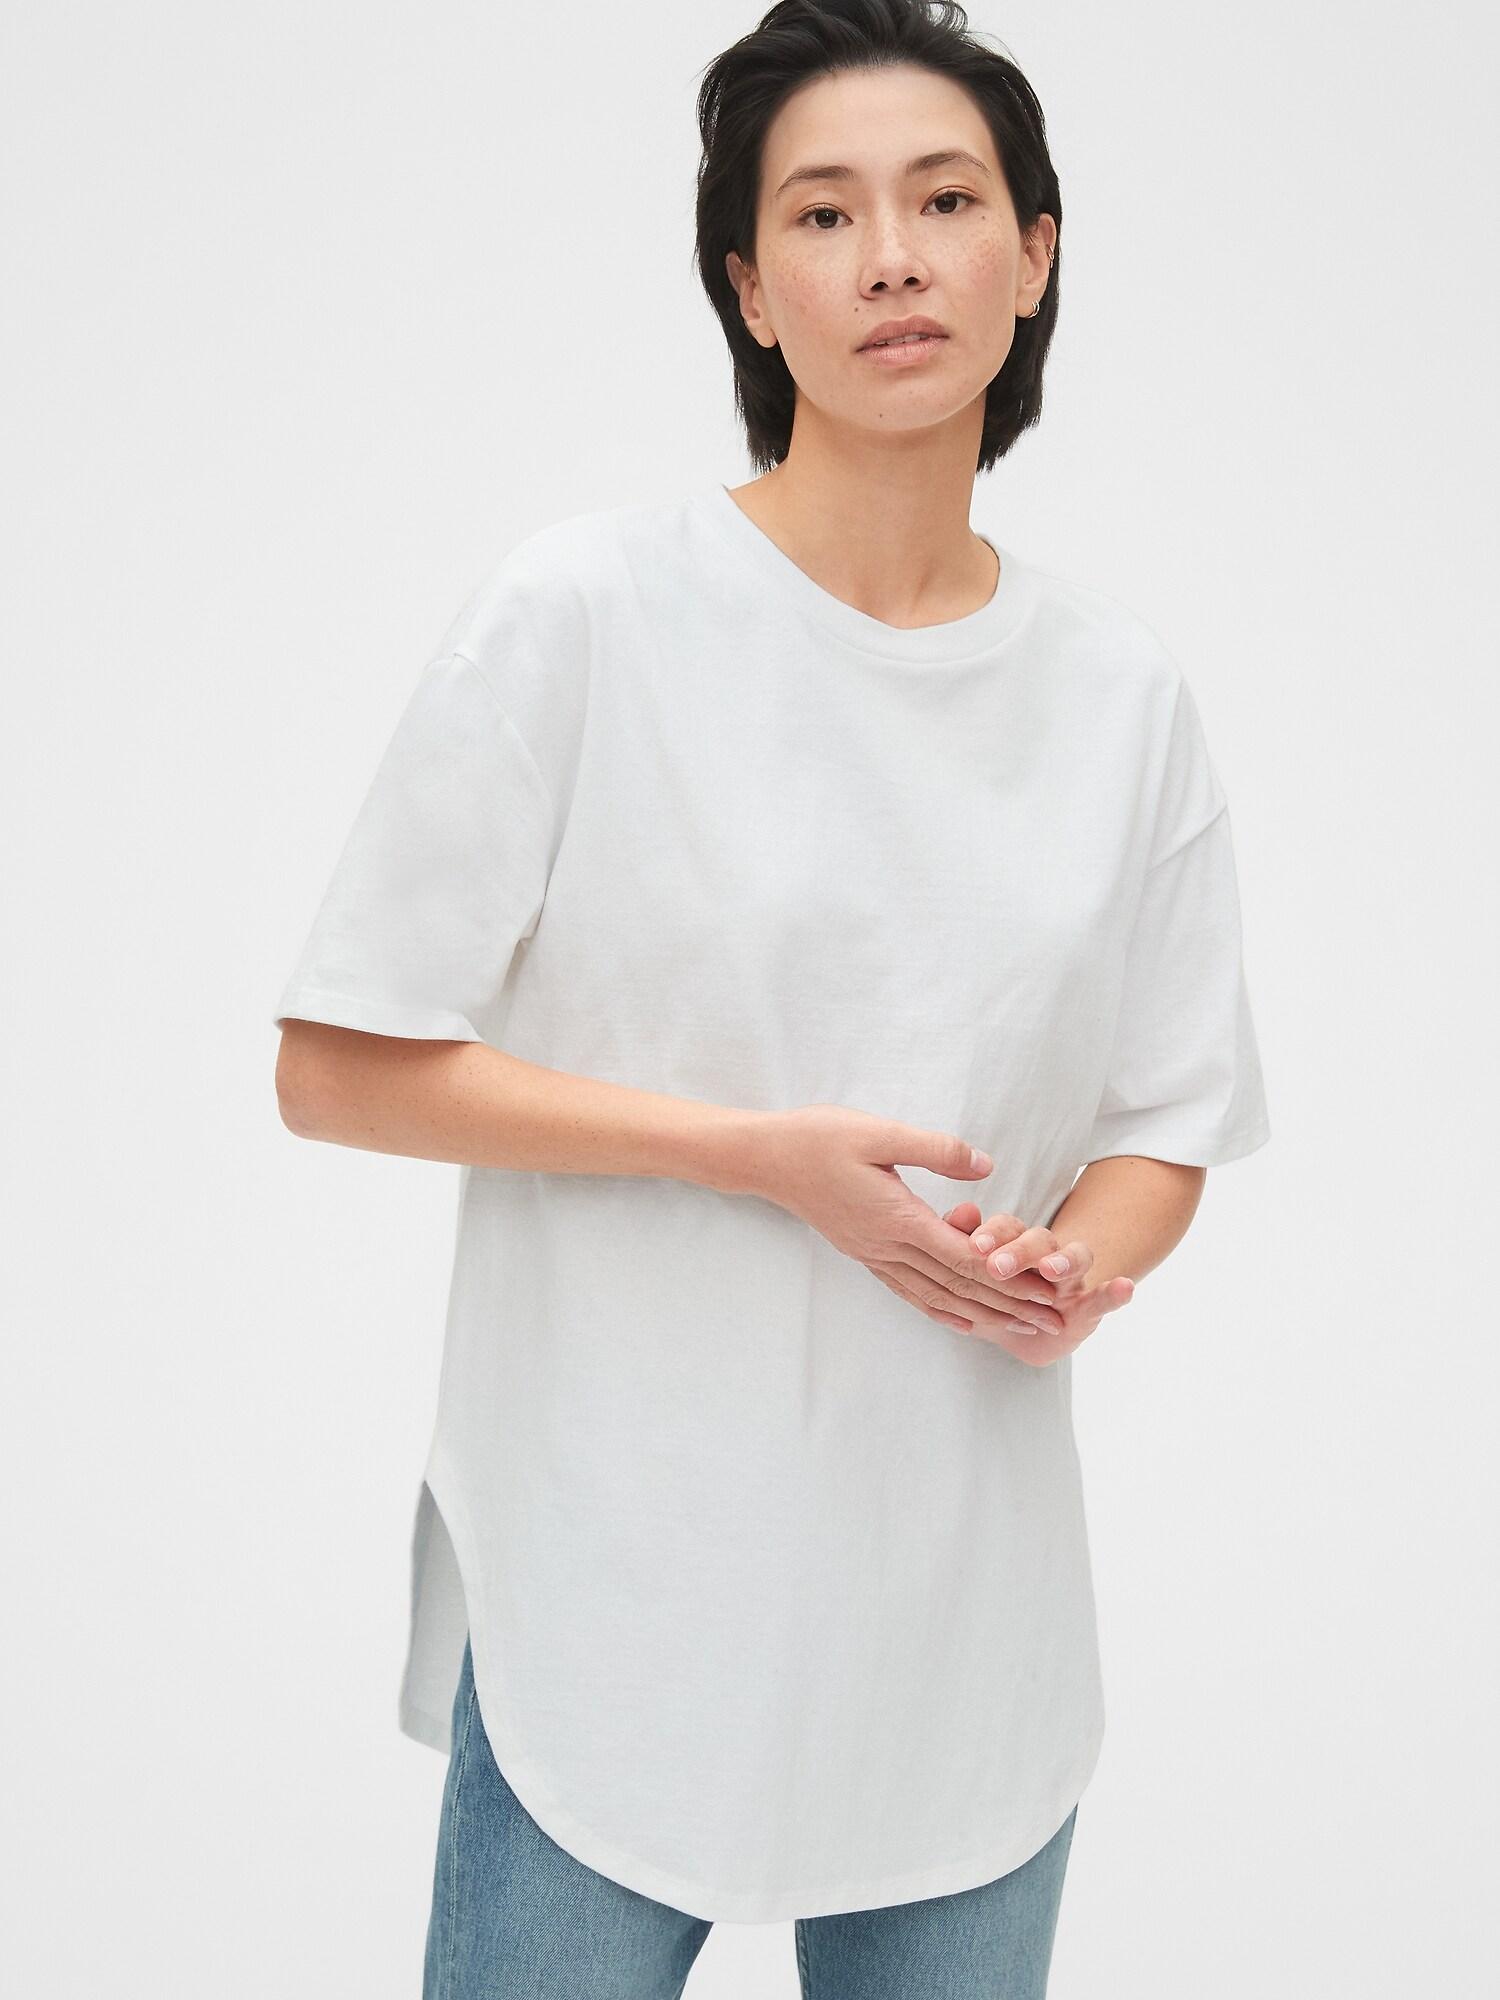 ジャージtシャツ